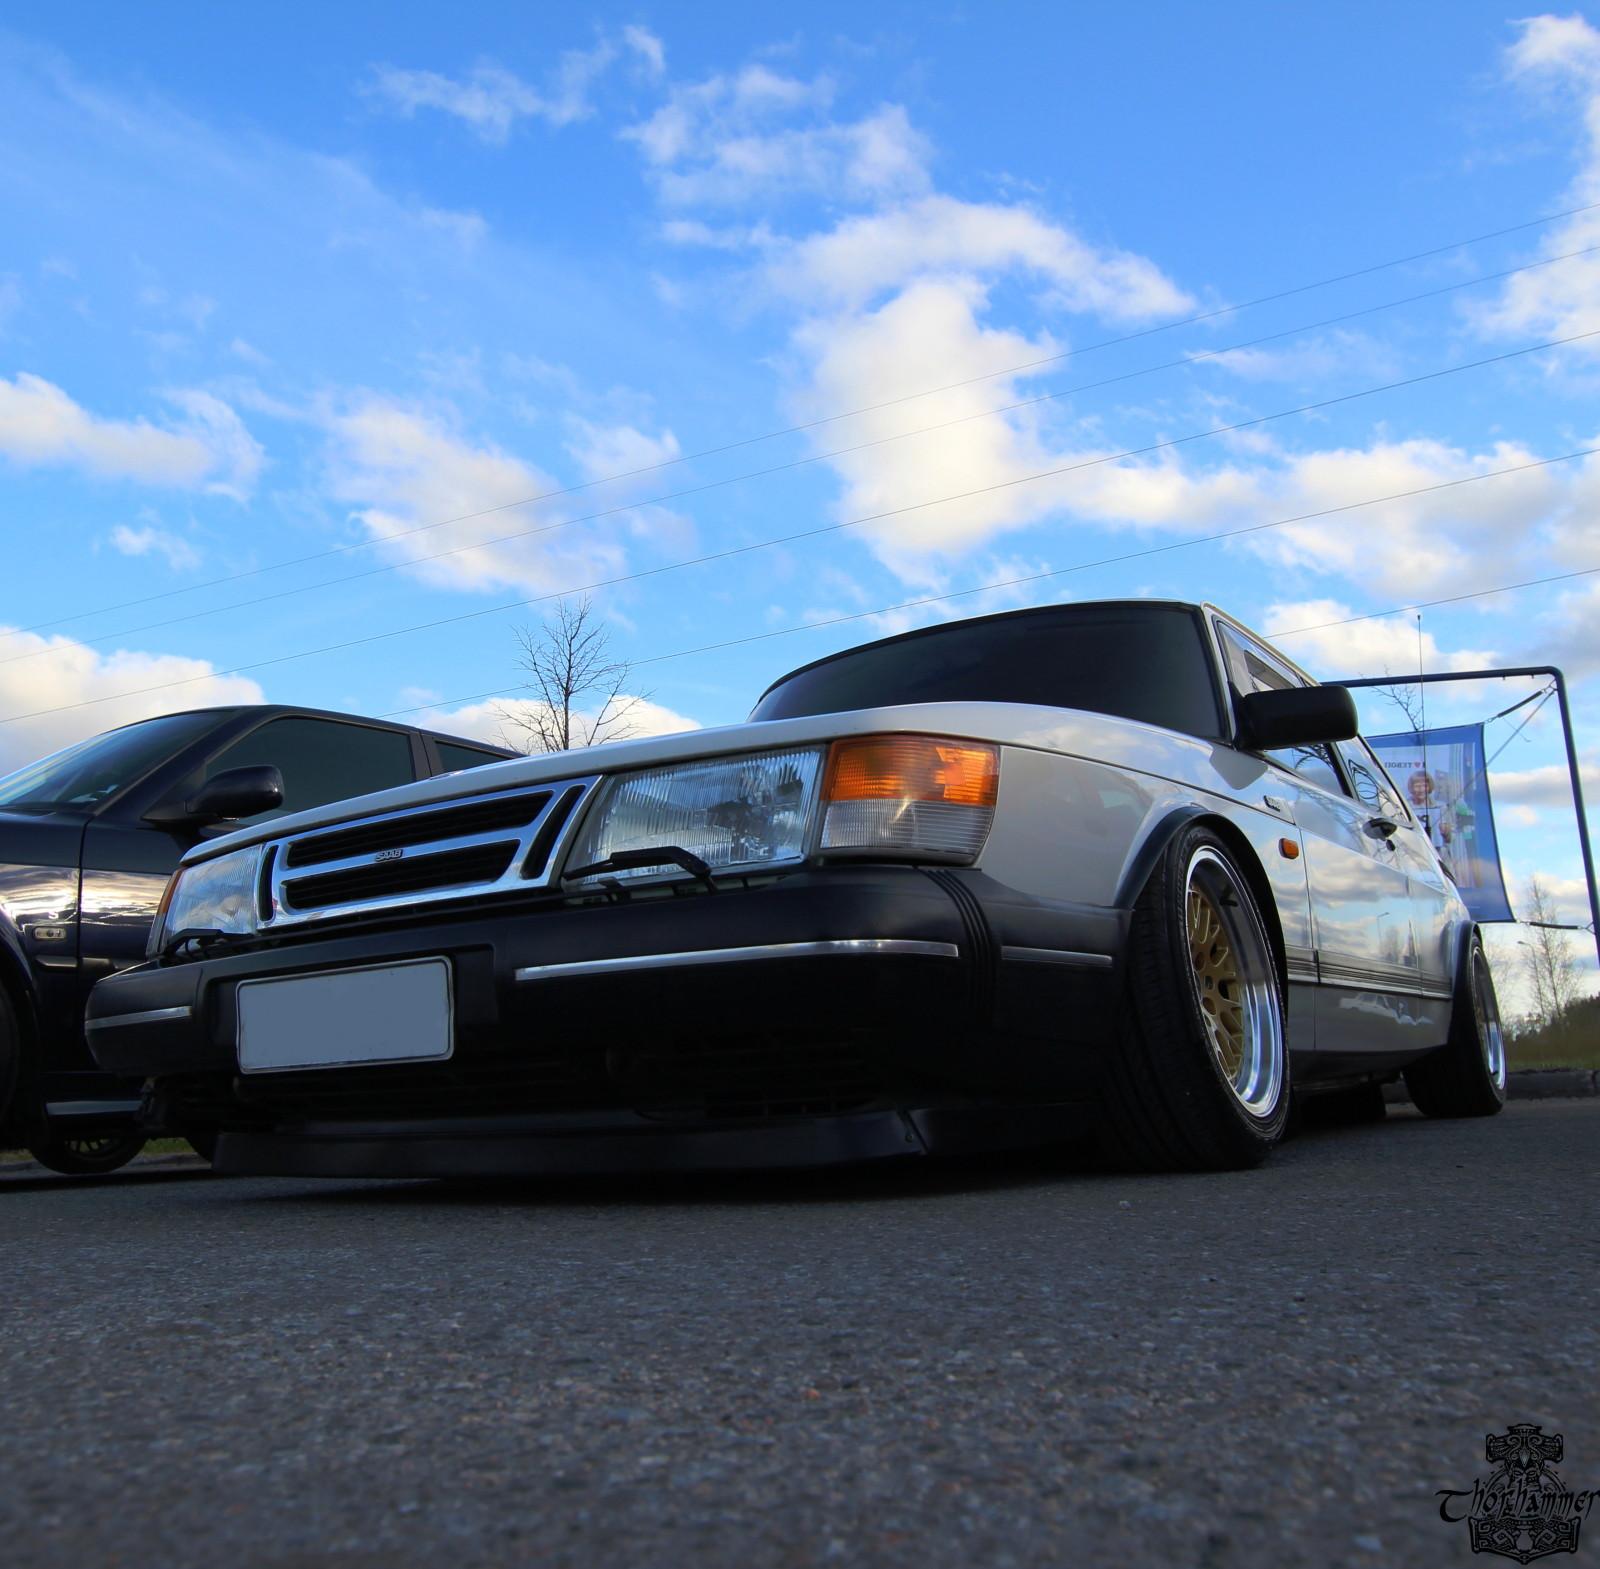 Kuvia käyttäjien autoista - Sivu 30 Xbe58o